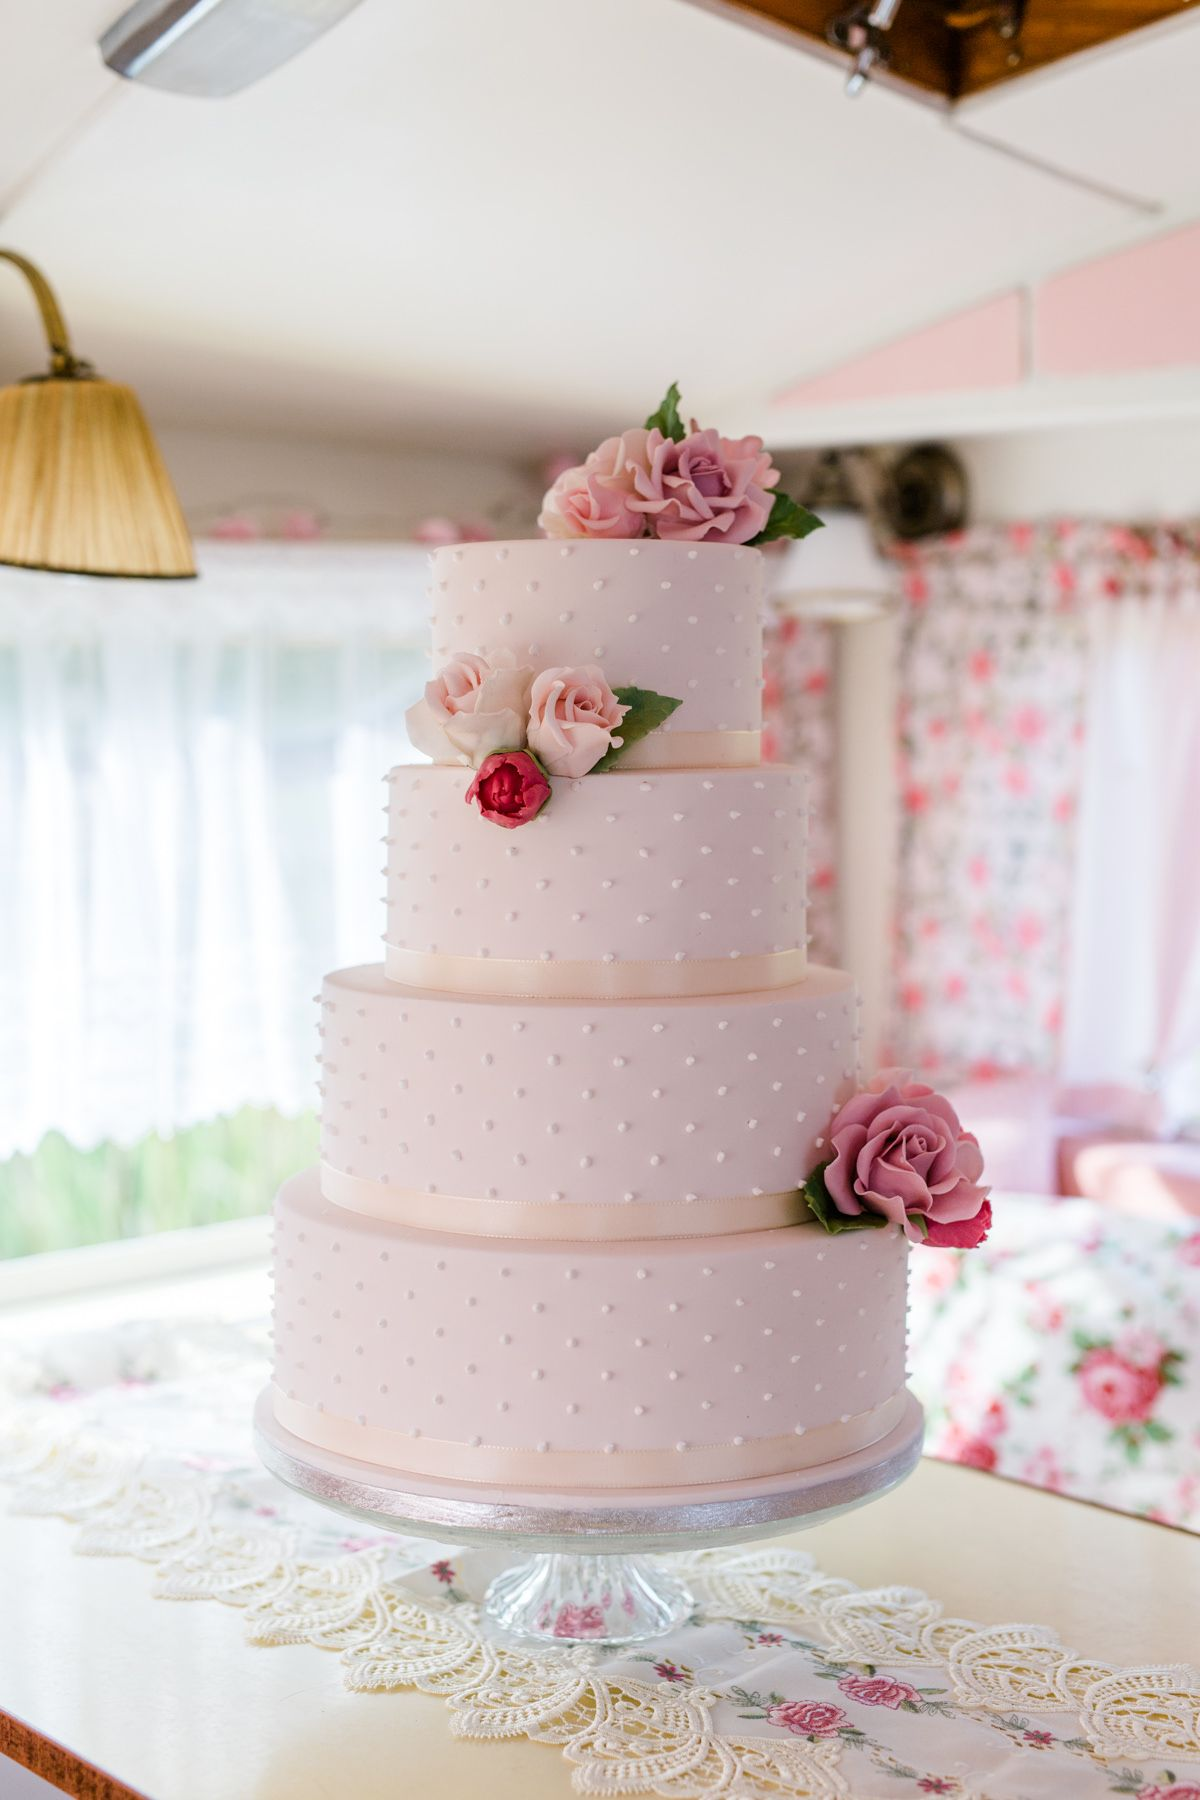 Hochzeitstorte Vierstockig Mit Rosen Aus Zucker Hochzeitstorte